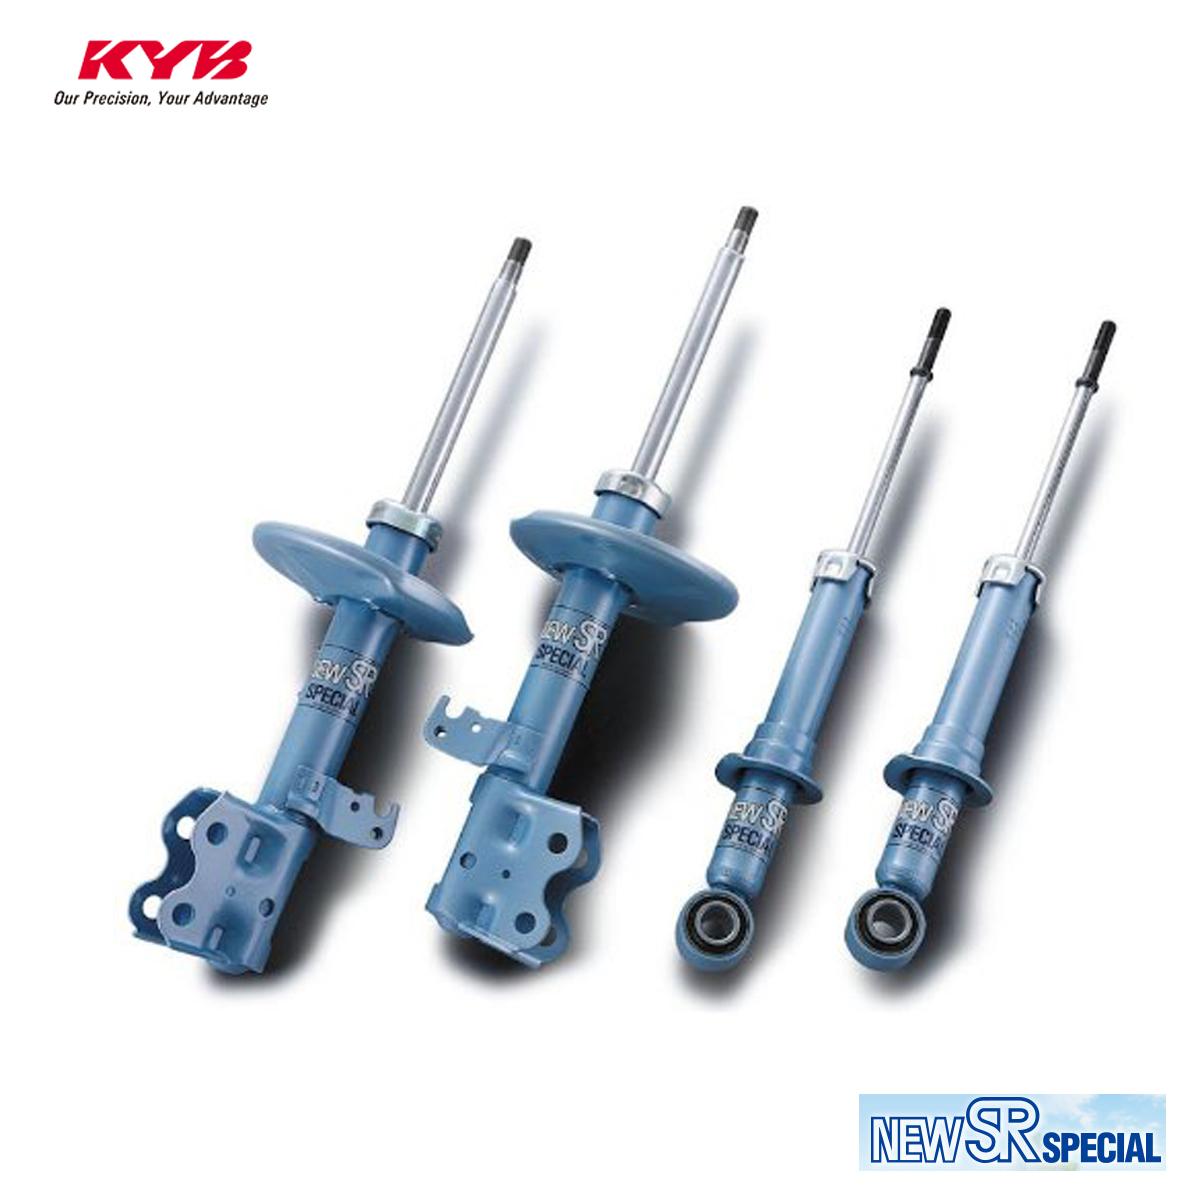 KYB カヤバ イスト ZSP110 ショックアブソーバー フロント 右用 1本 NEW SR SPECIAL NST5392R 配送先条件有り